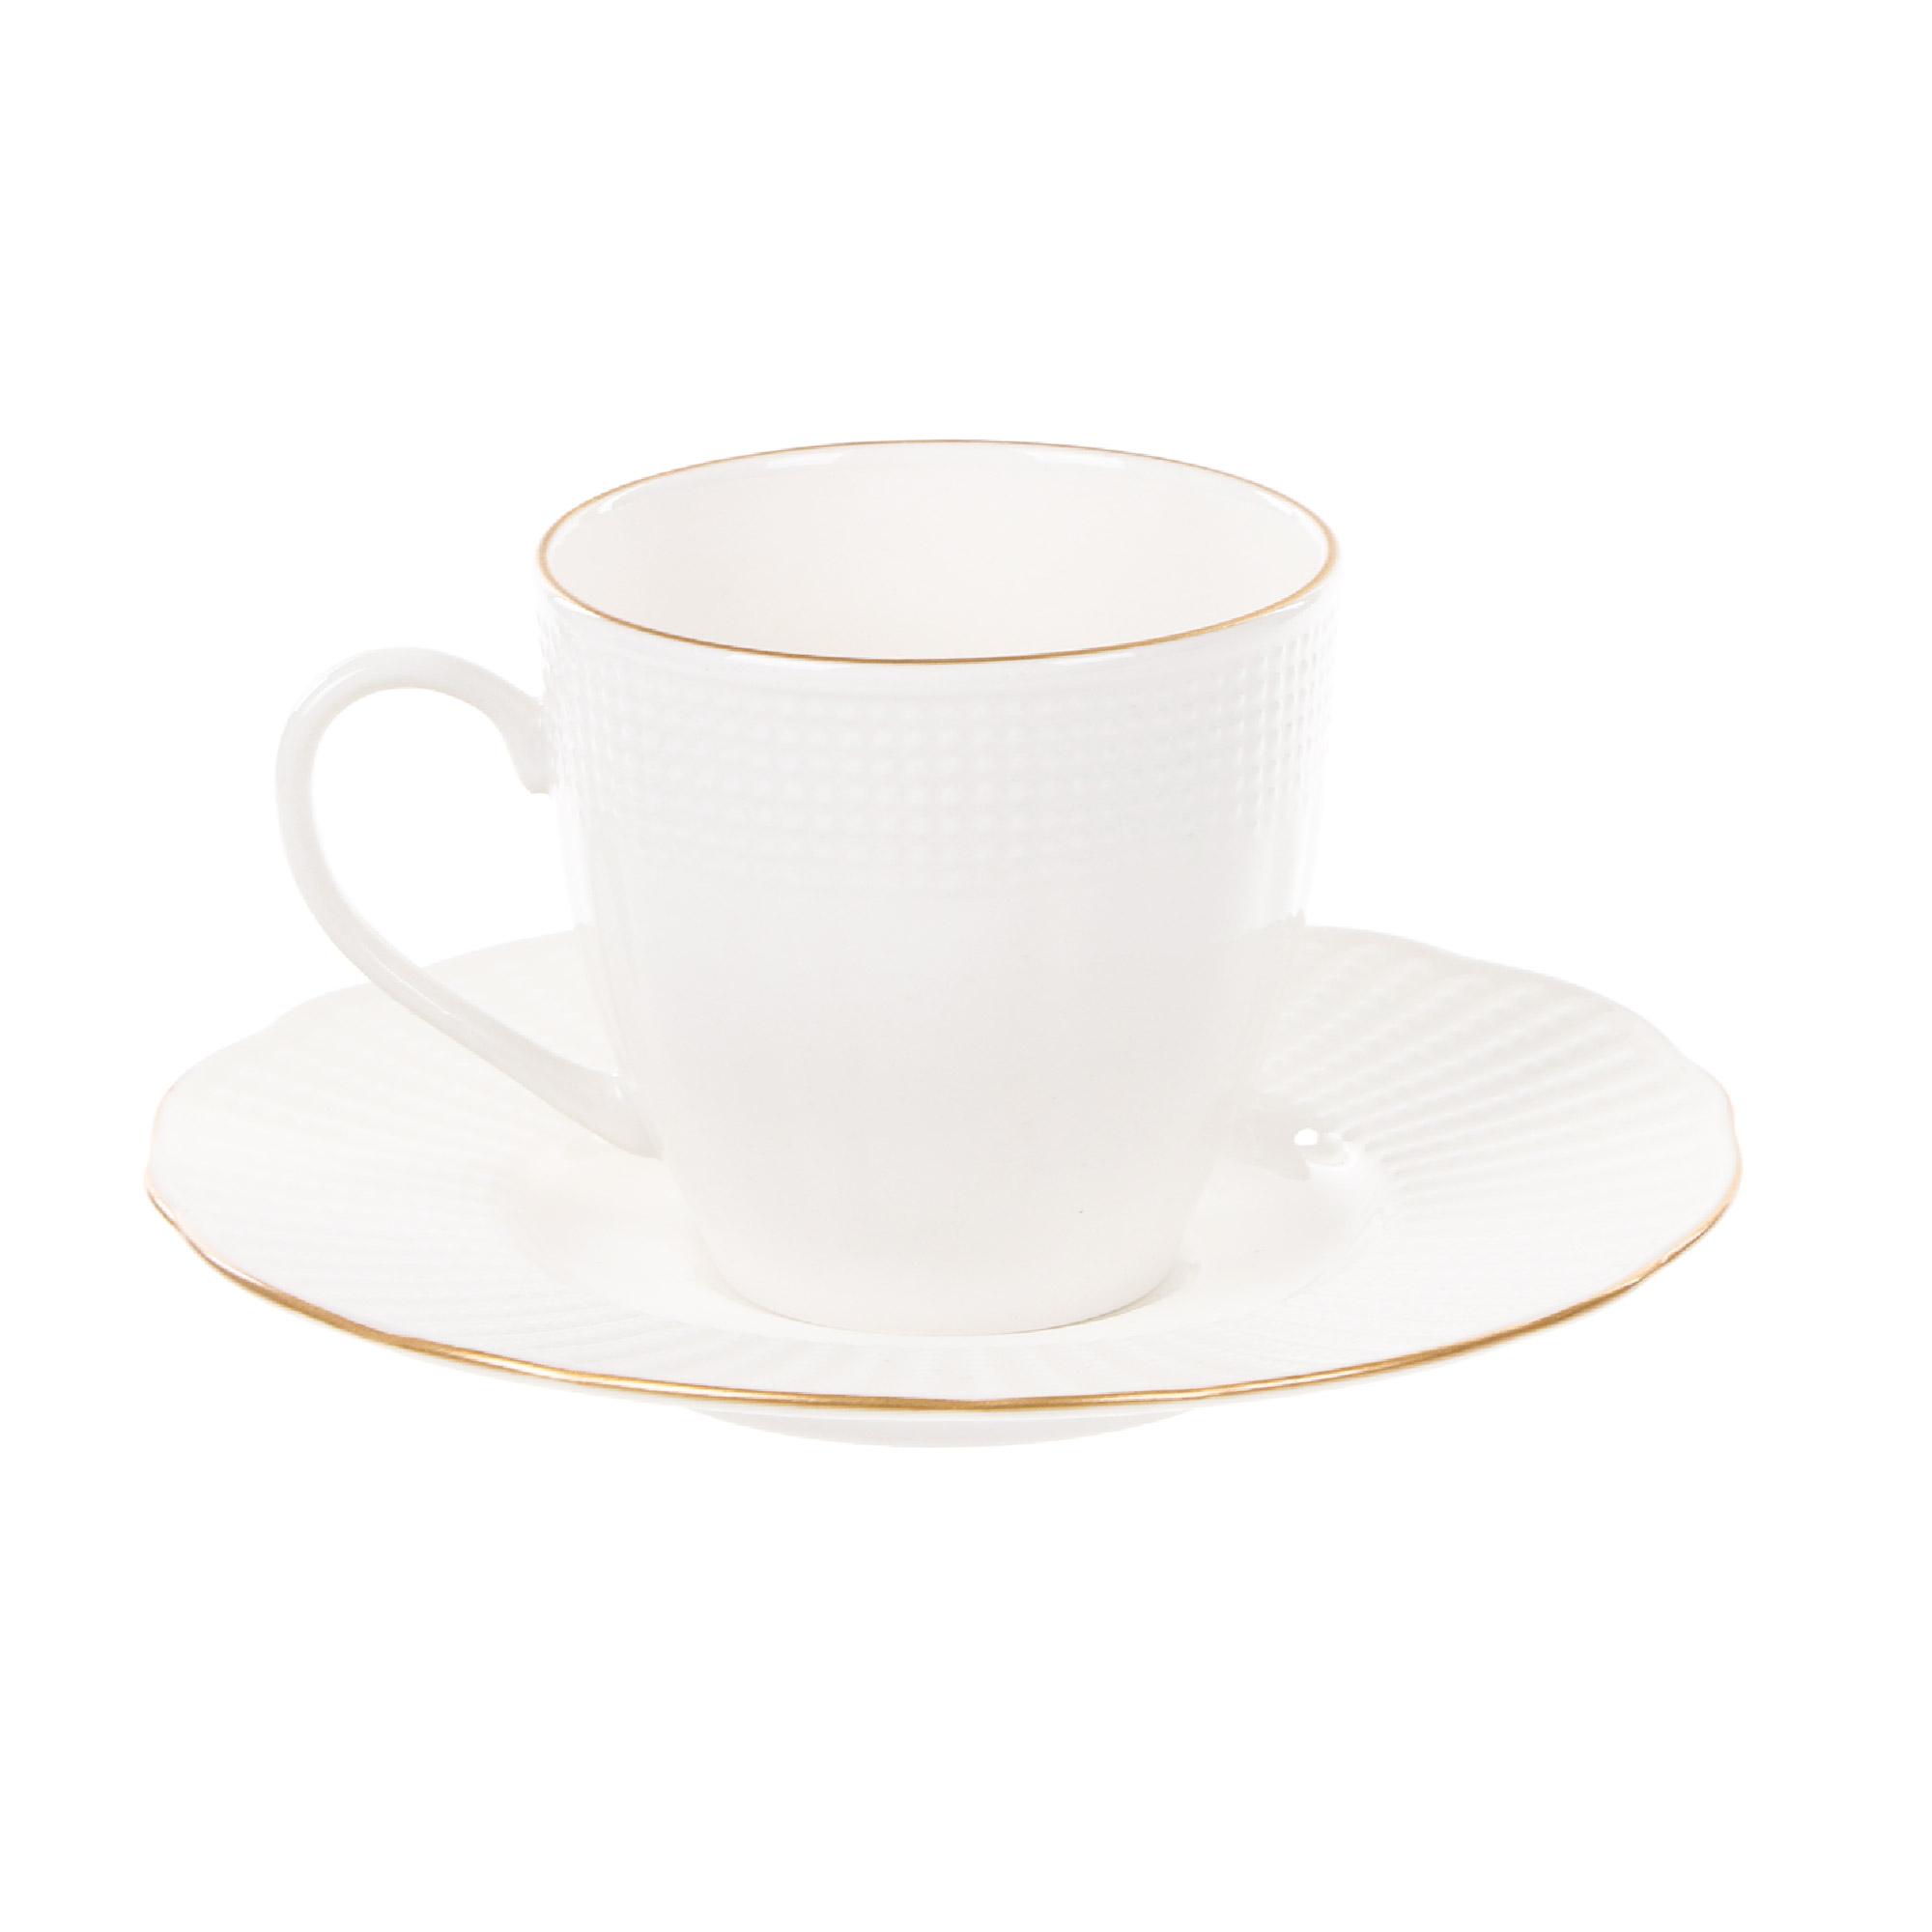 Чашка с блюдцем кофейная 100 мл, Kutahya Porselen ilay отводка золото